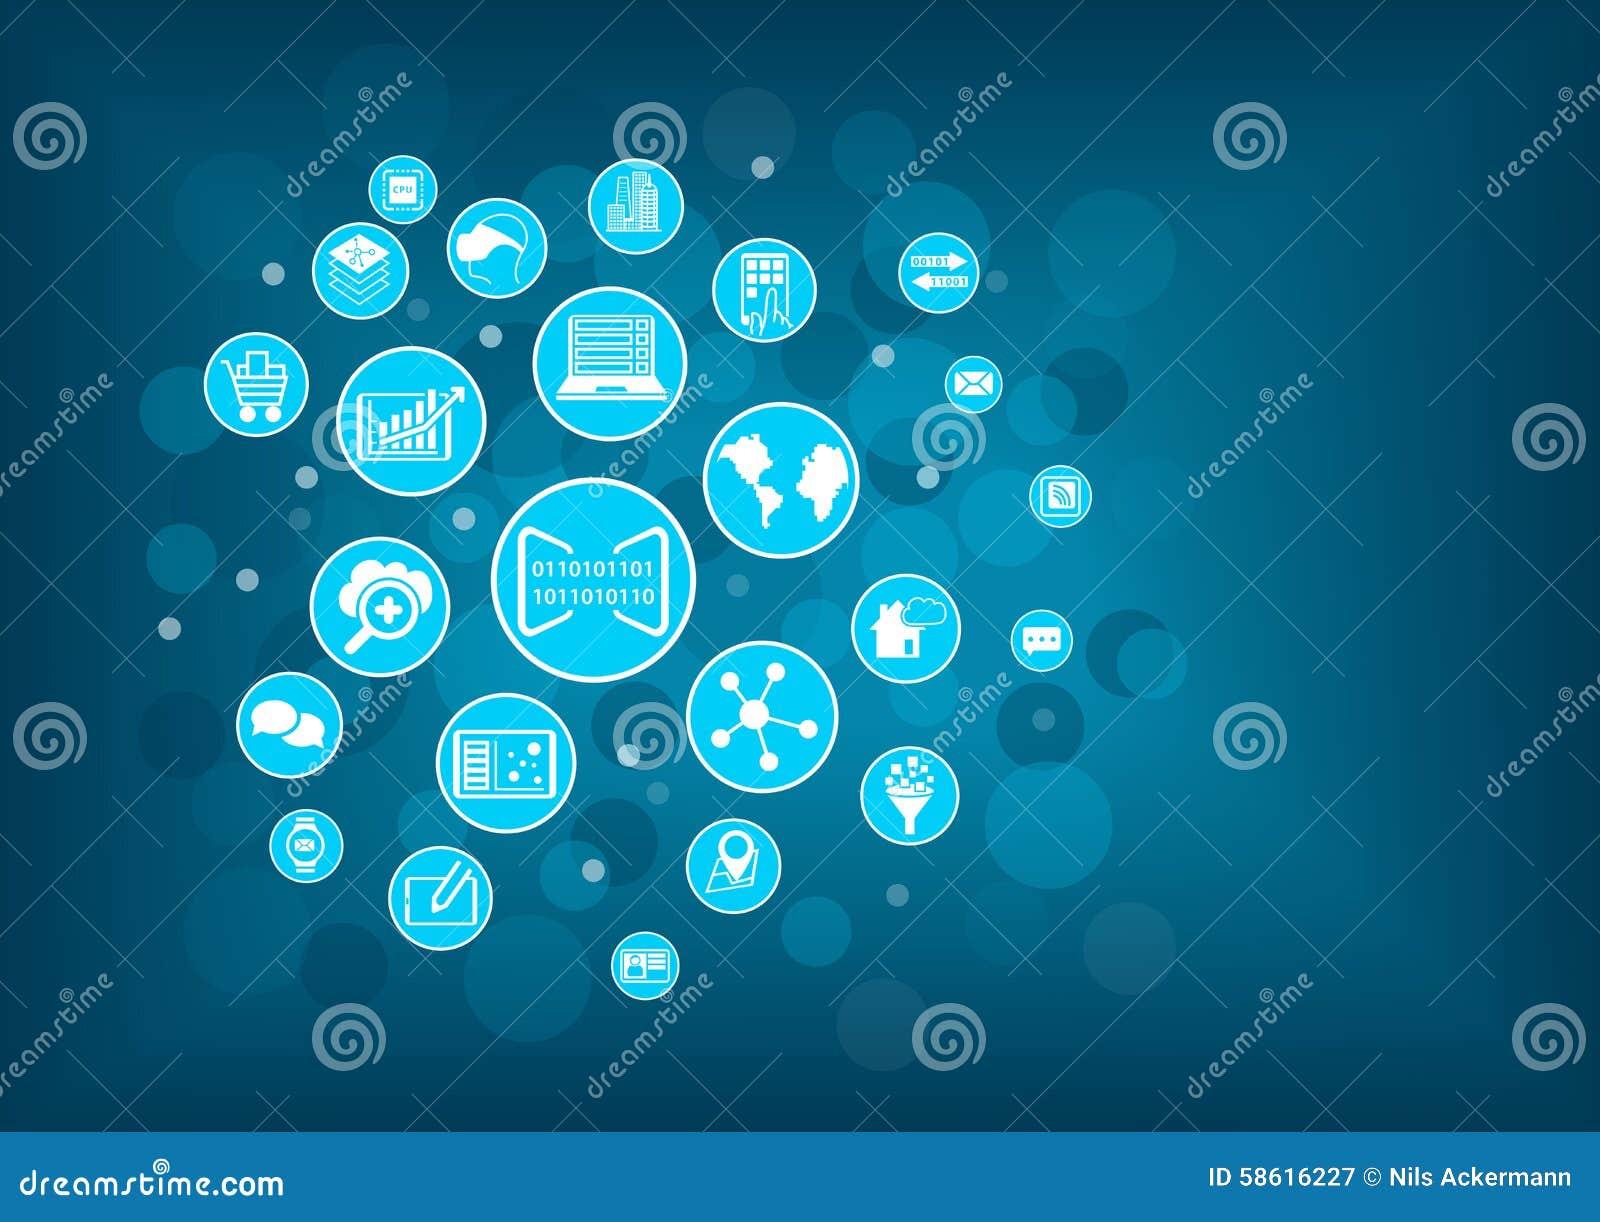 Begrepp av digitization av affären Vektorillustrationen av olika symboler gällde den digitala affären som mobila enheter